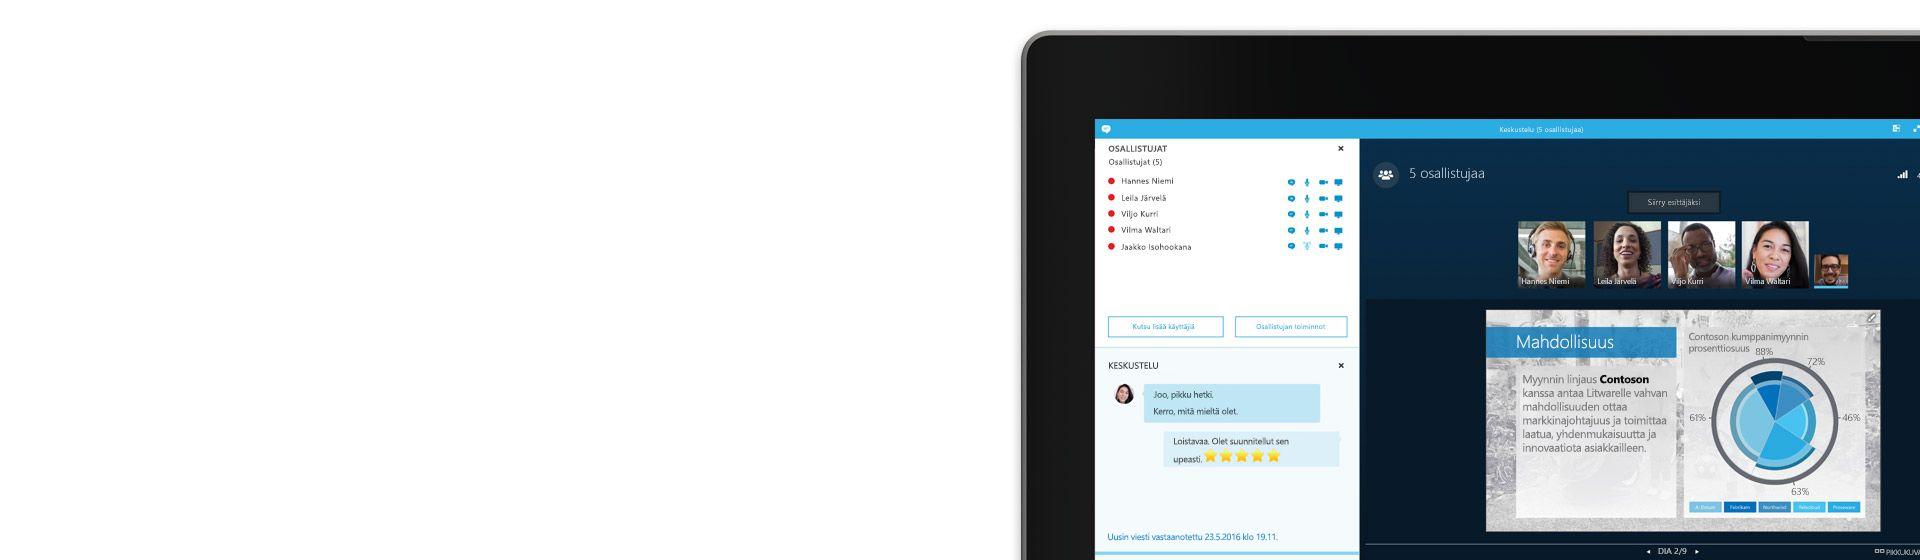 Kannettavan tietokoneen näytön kulma, jossa näkyy meneillään oleva Skype for Business -kokous ja kuva osanottajaluettelosta